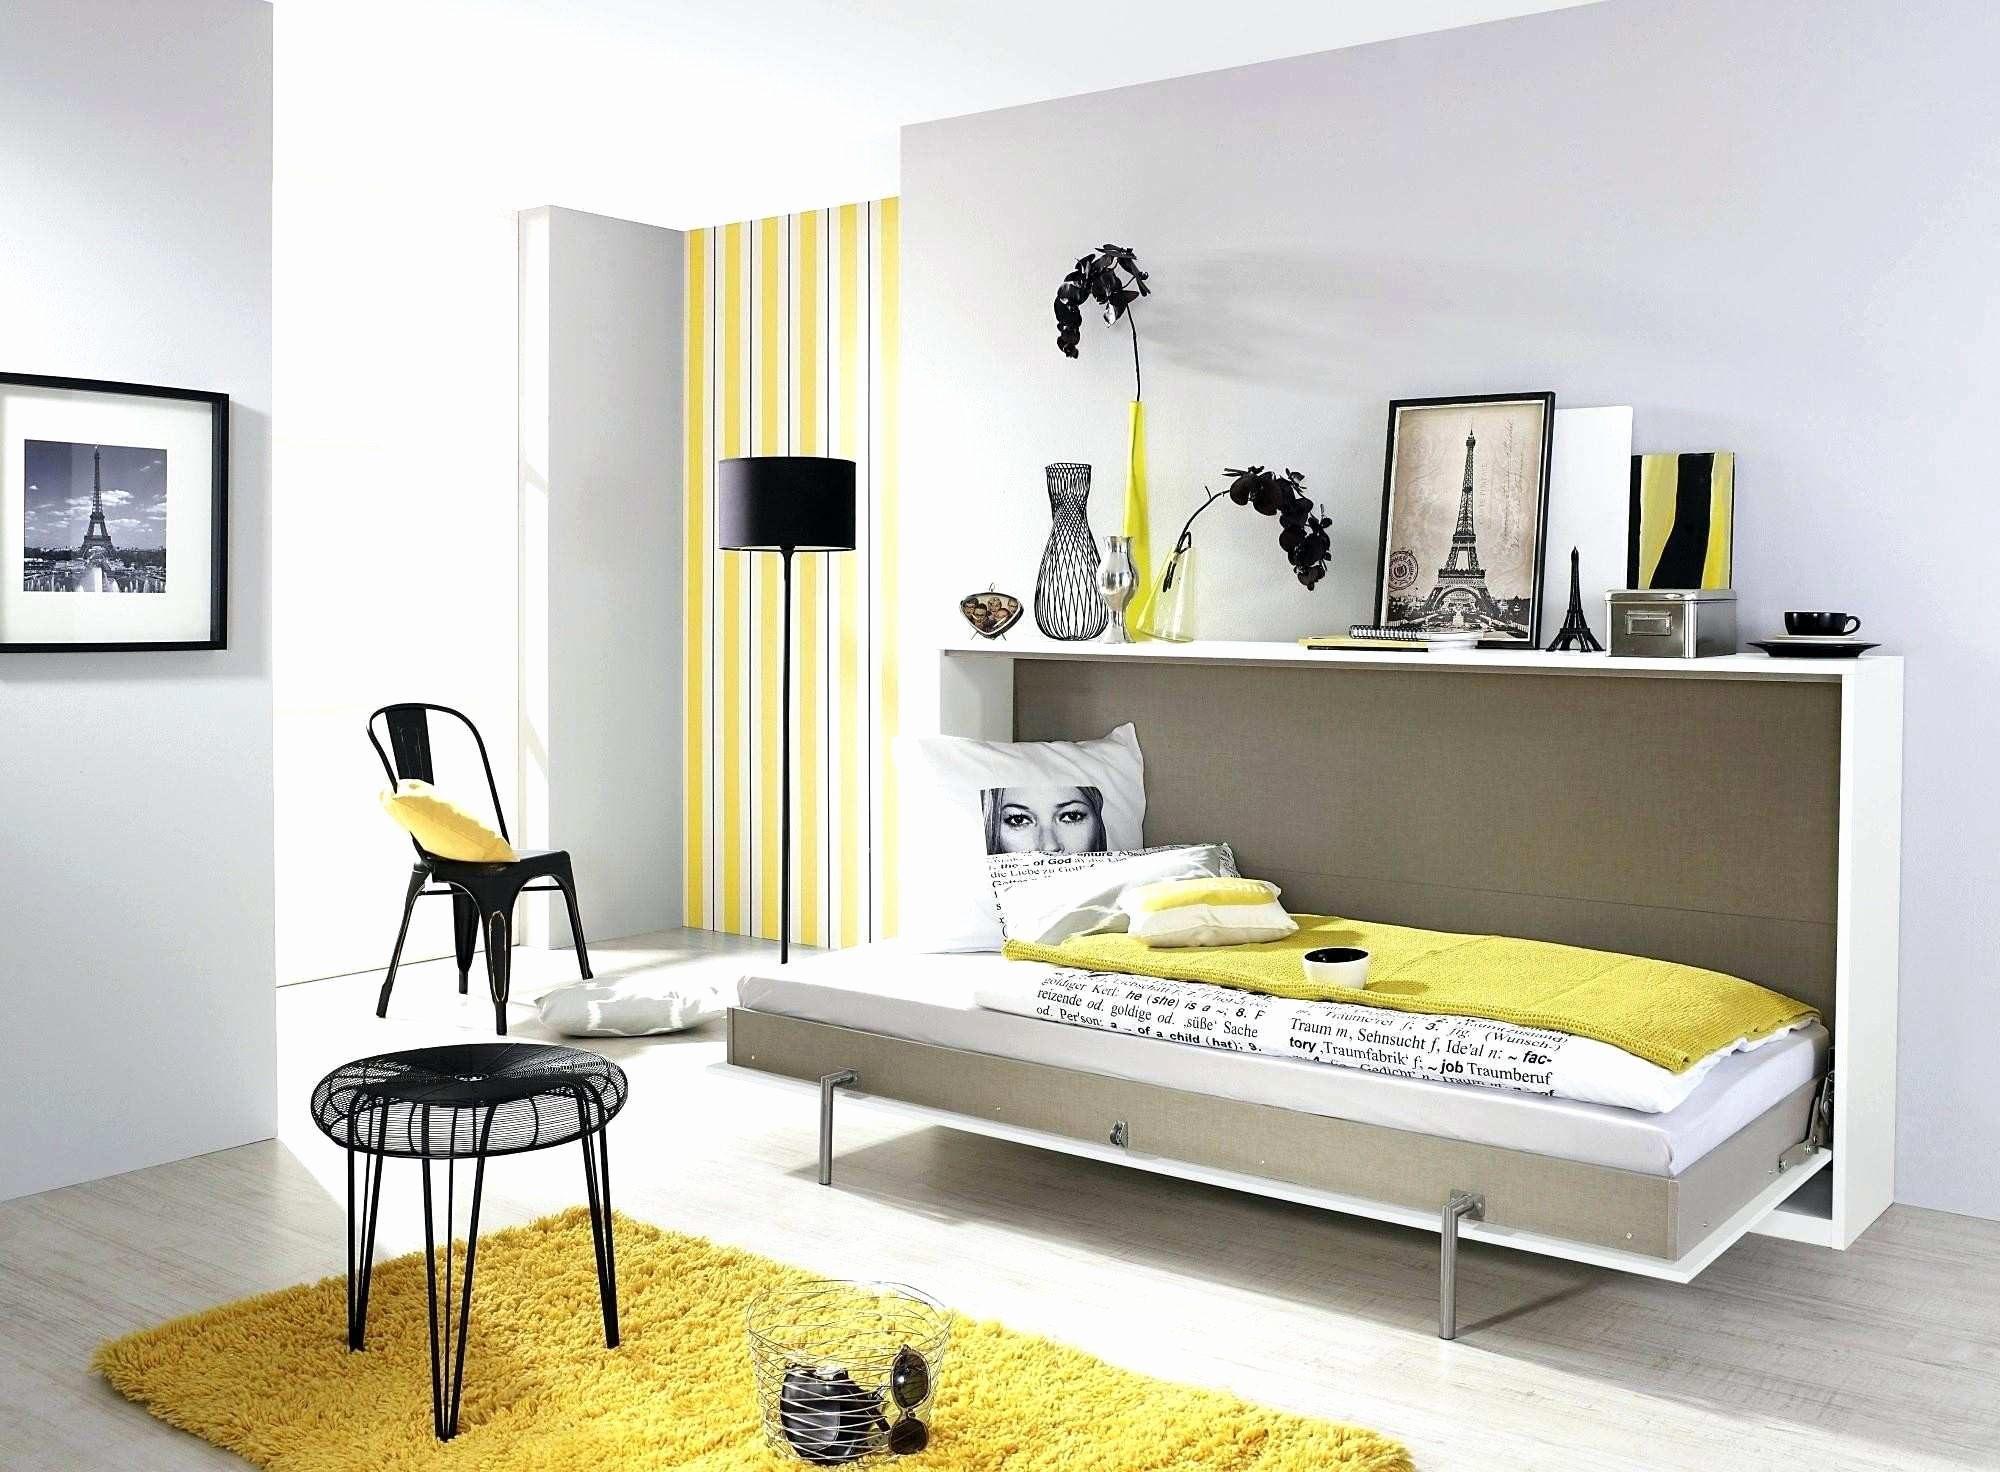 Banc Bout De Lit Pas Cher Inspirant Banc Bout De Lit Pas Cher Best Rangement Cravate Ikea – Most Popullar